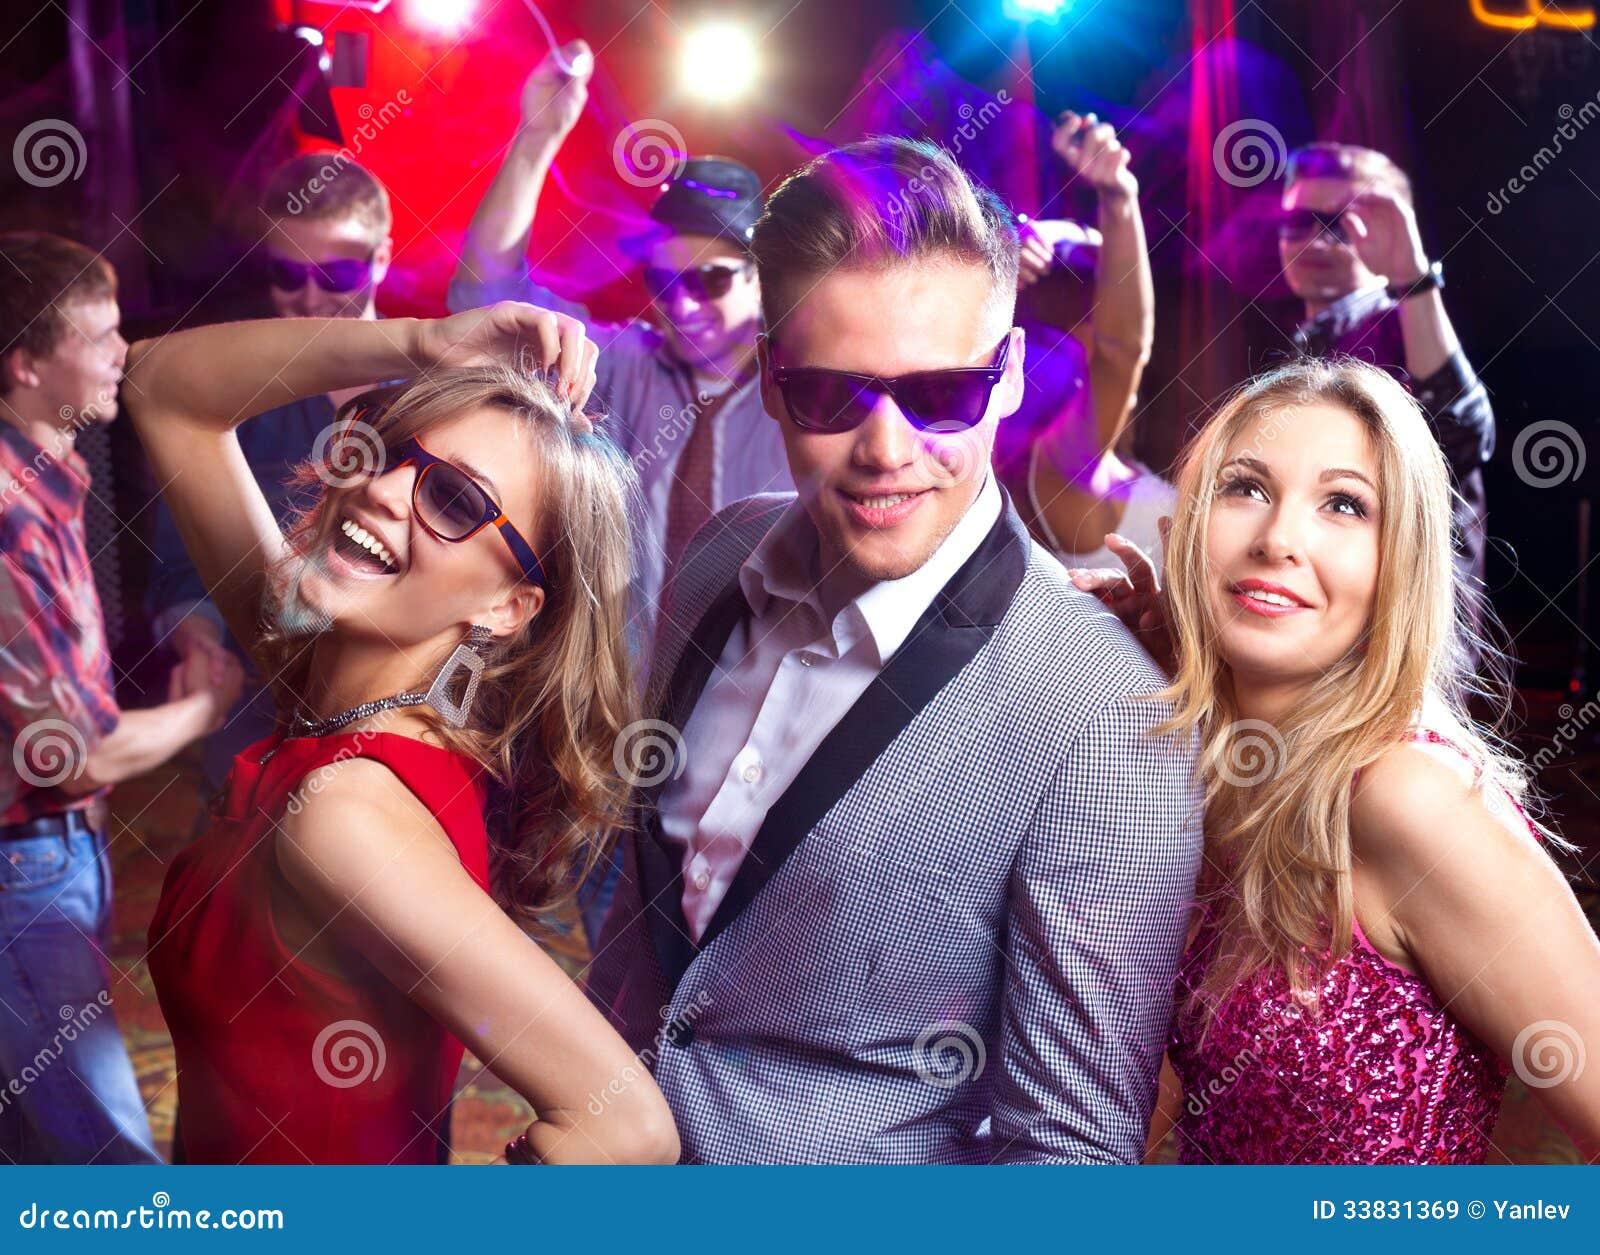 teebee  |People Having Fun In A Club